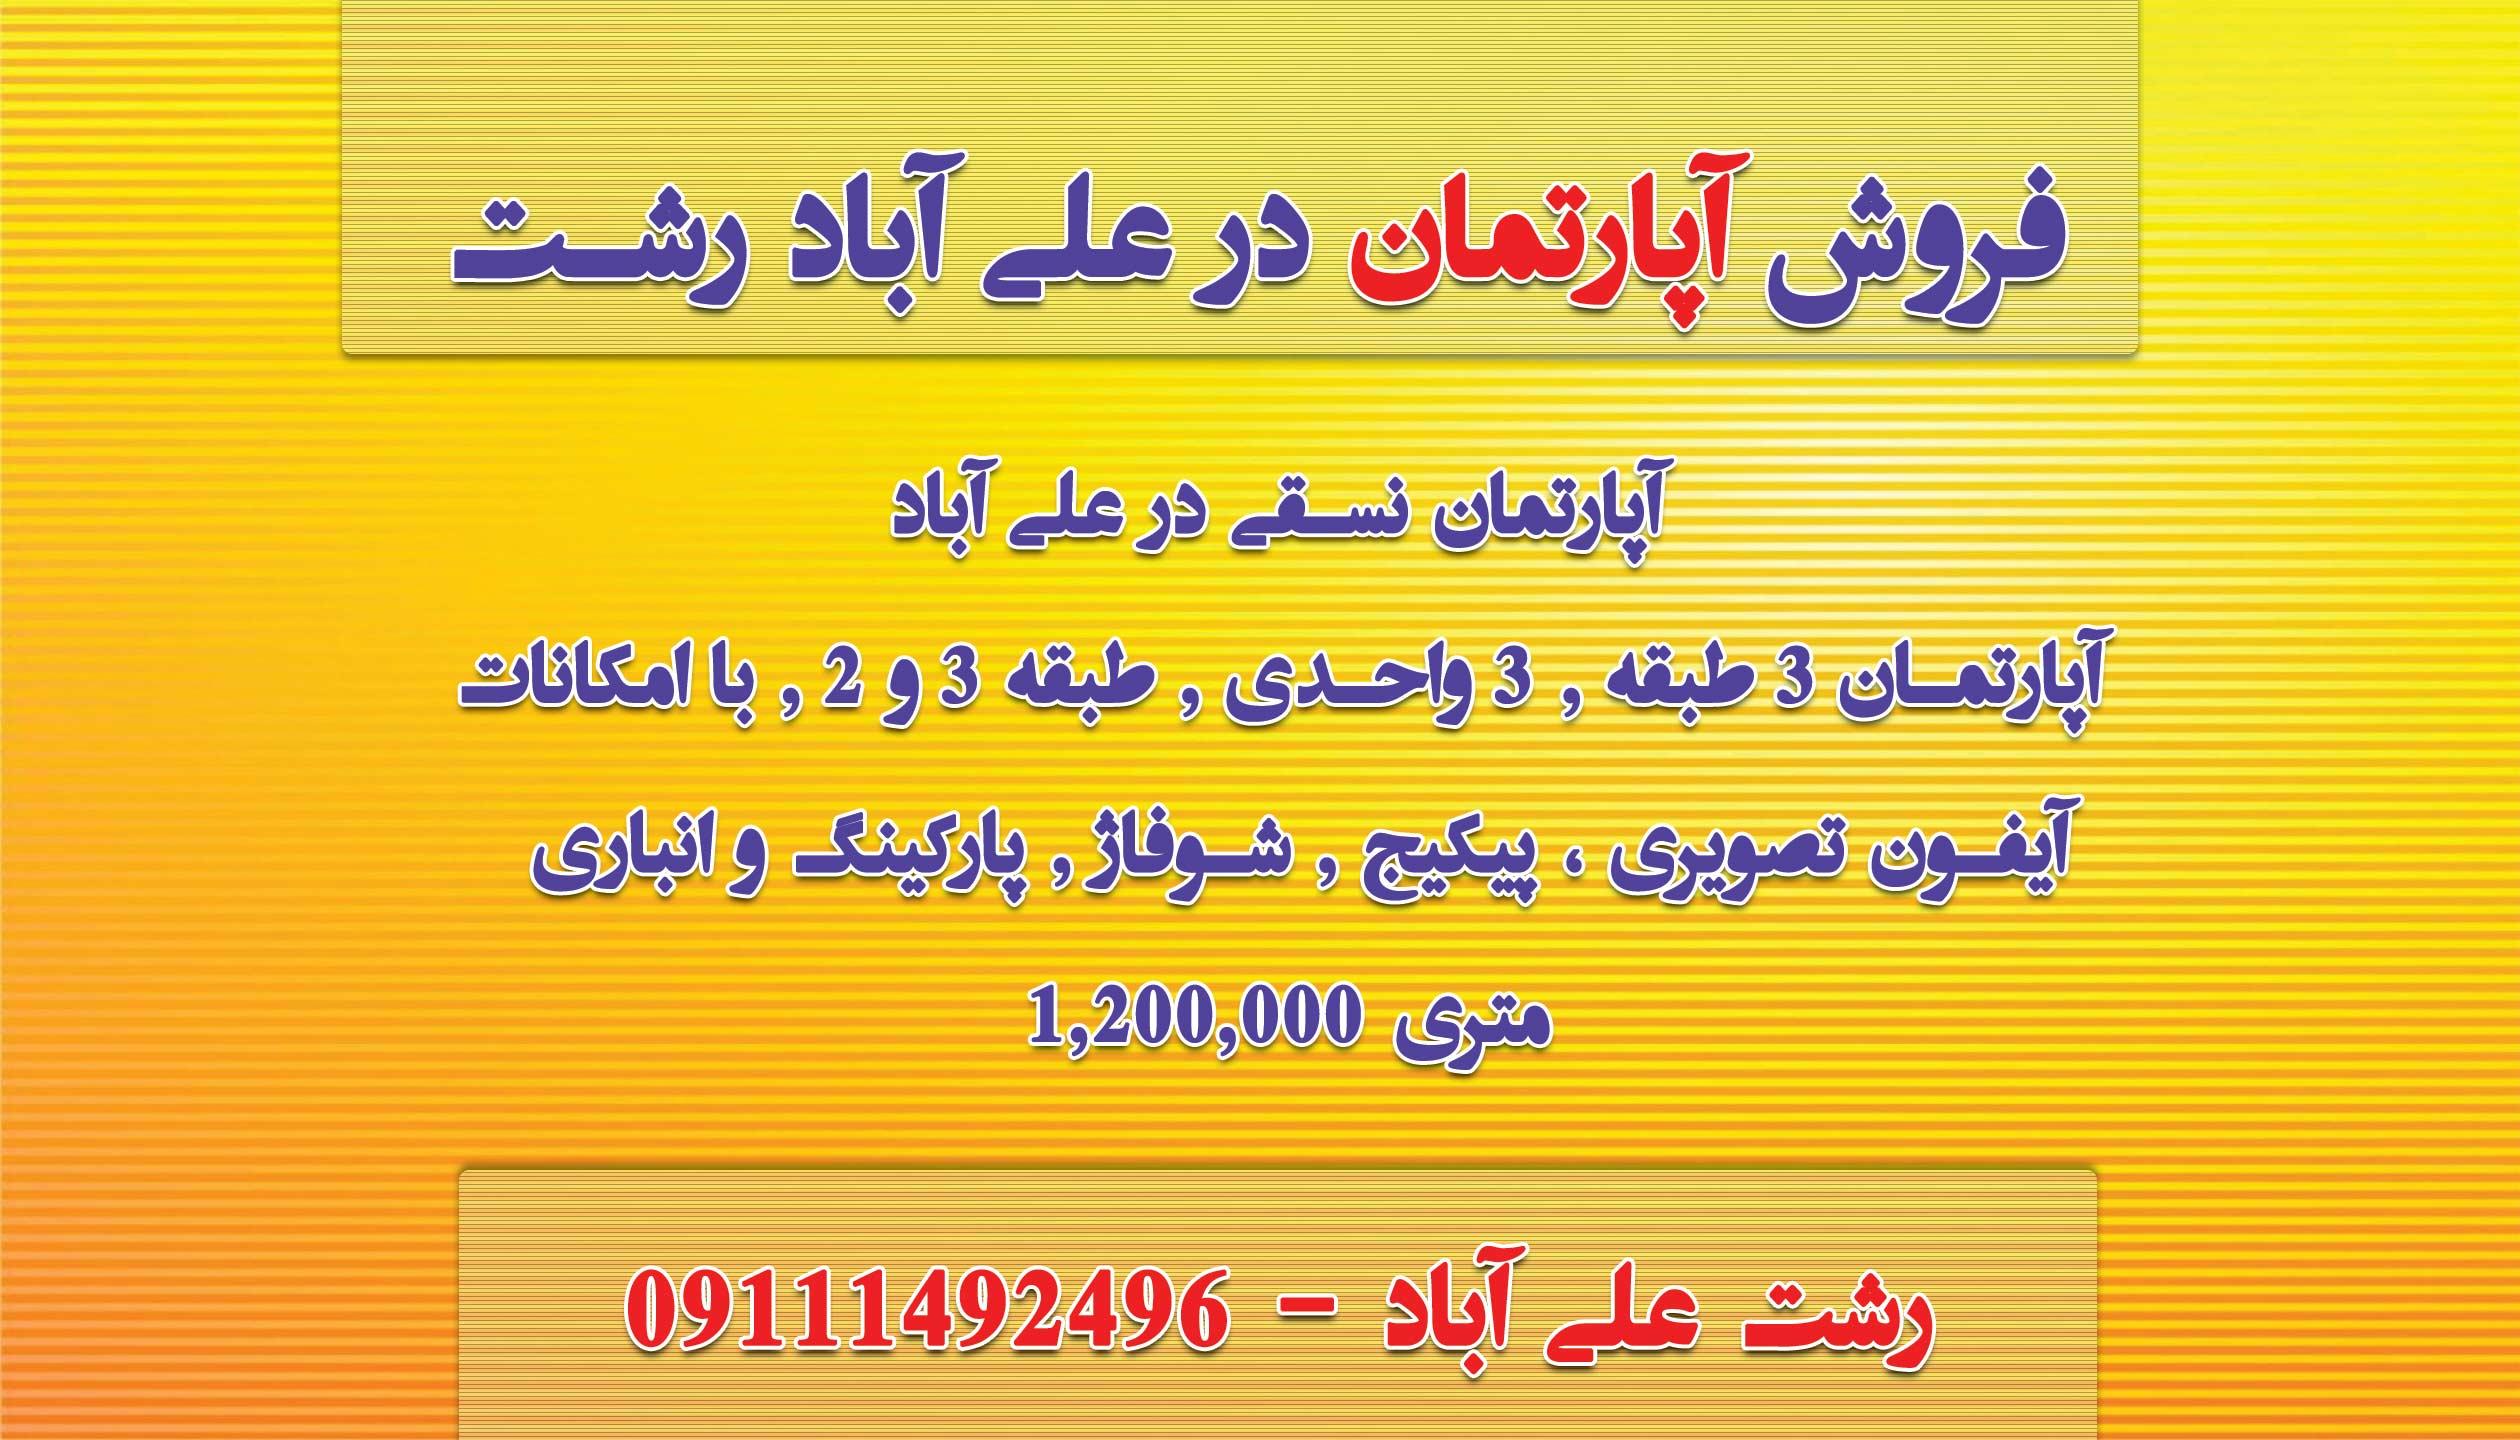 فروش آپارتمان در علی آباد رشت